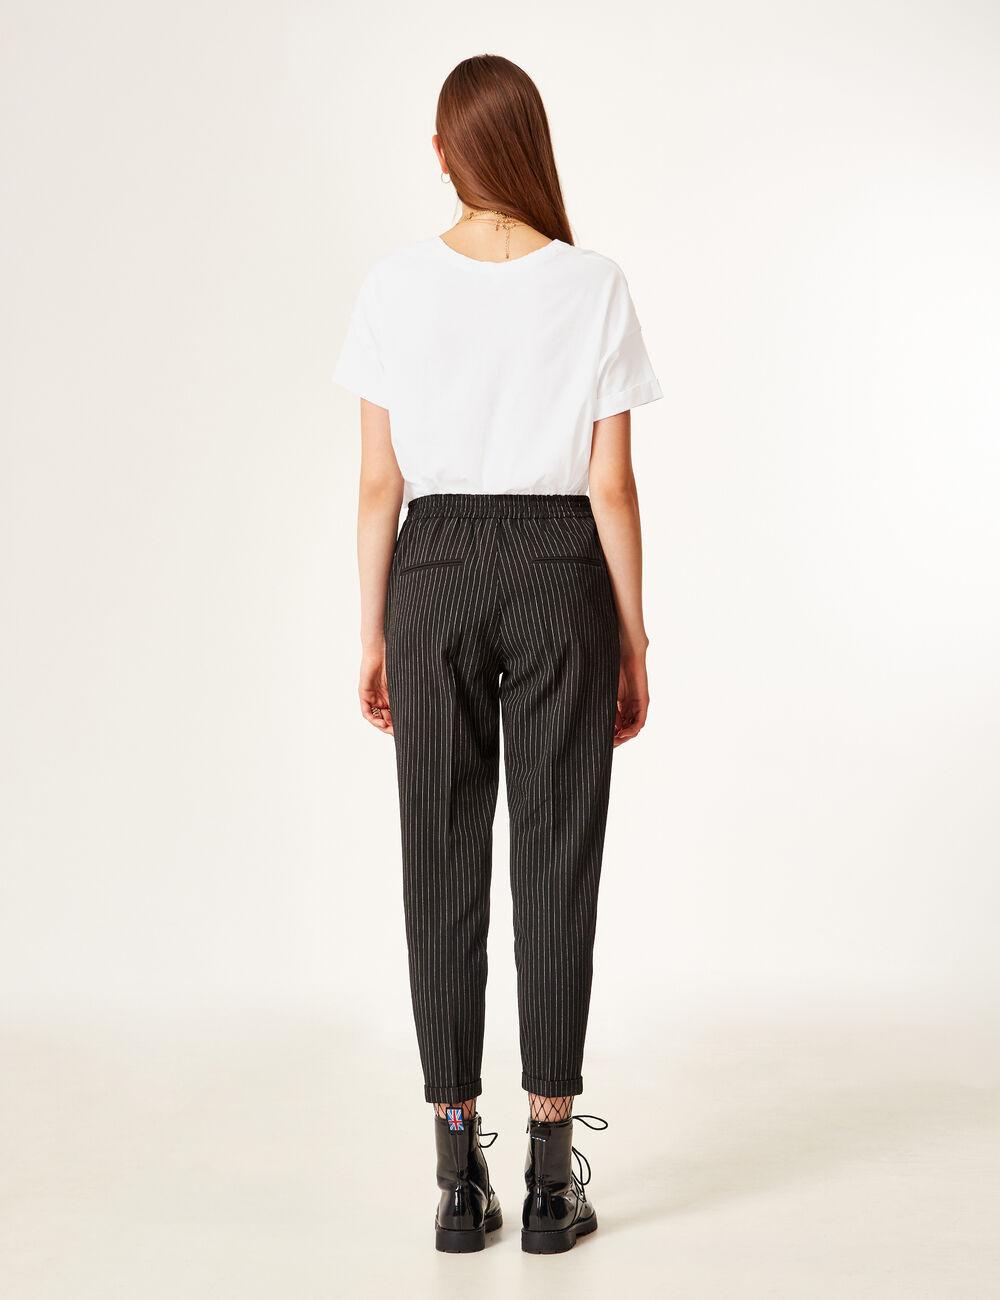 pantalon ville fines rayures noir et cru femme jennyfer. Black Bedroom Furniture Sets. Home Design Ideas